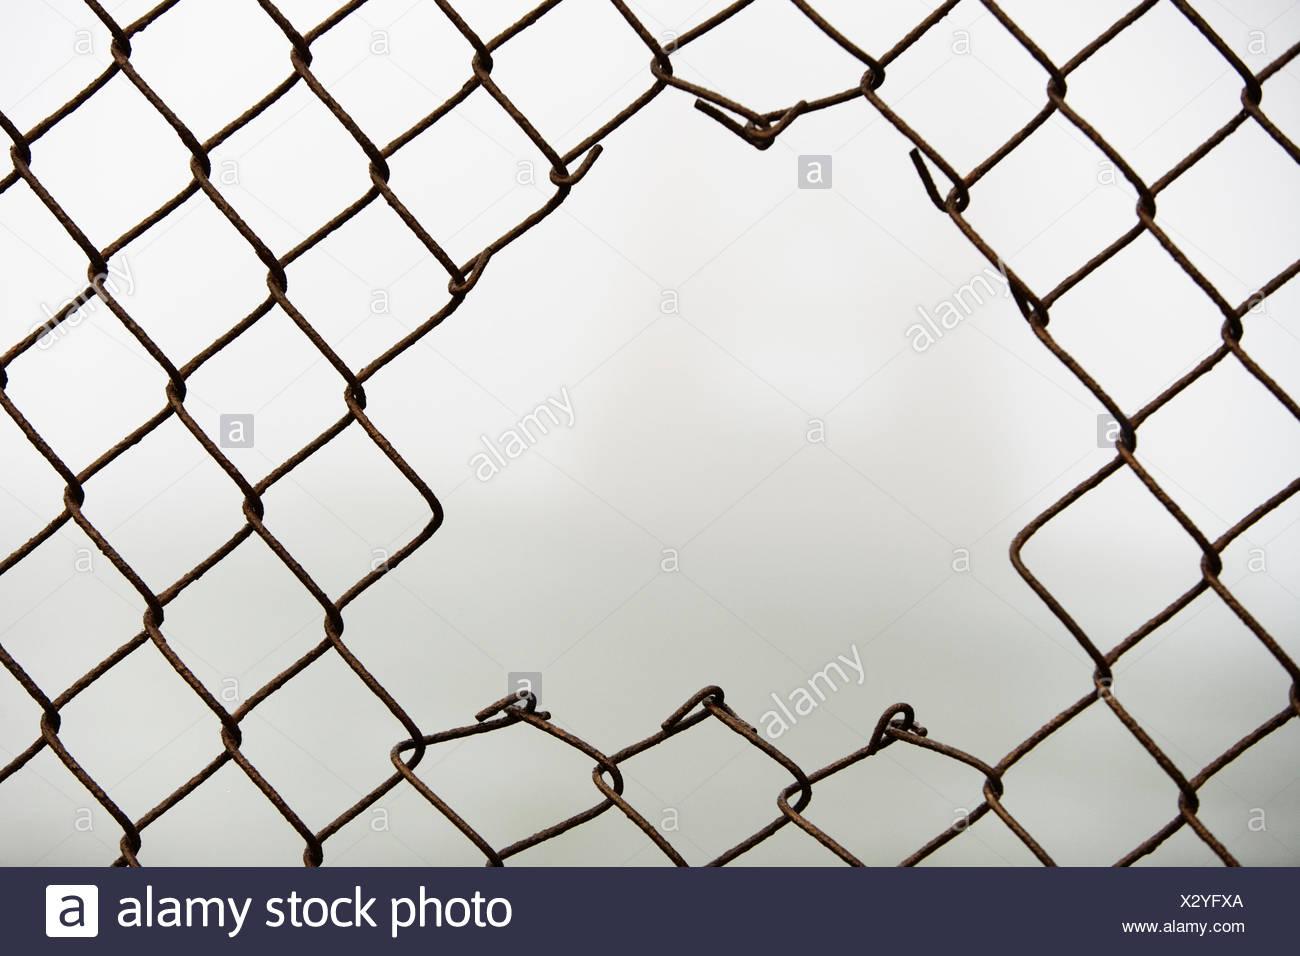 Fence Hole Stock Photos & Fence Hole Stock Images - Alamy